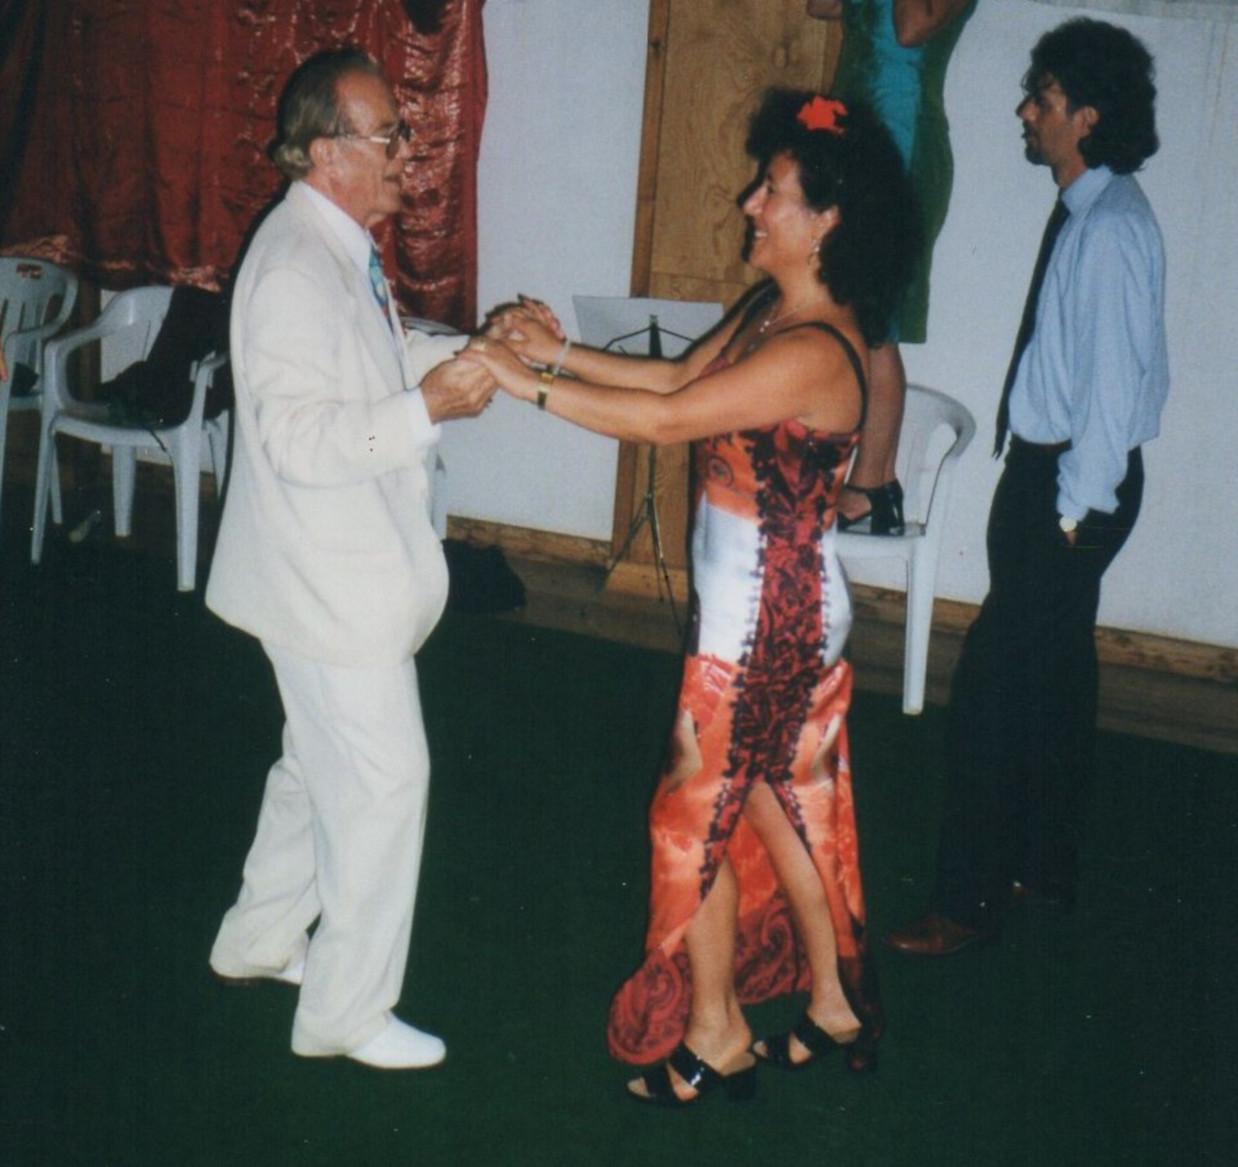 Luglio 2000 - Ballo con J. Pierrakos